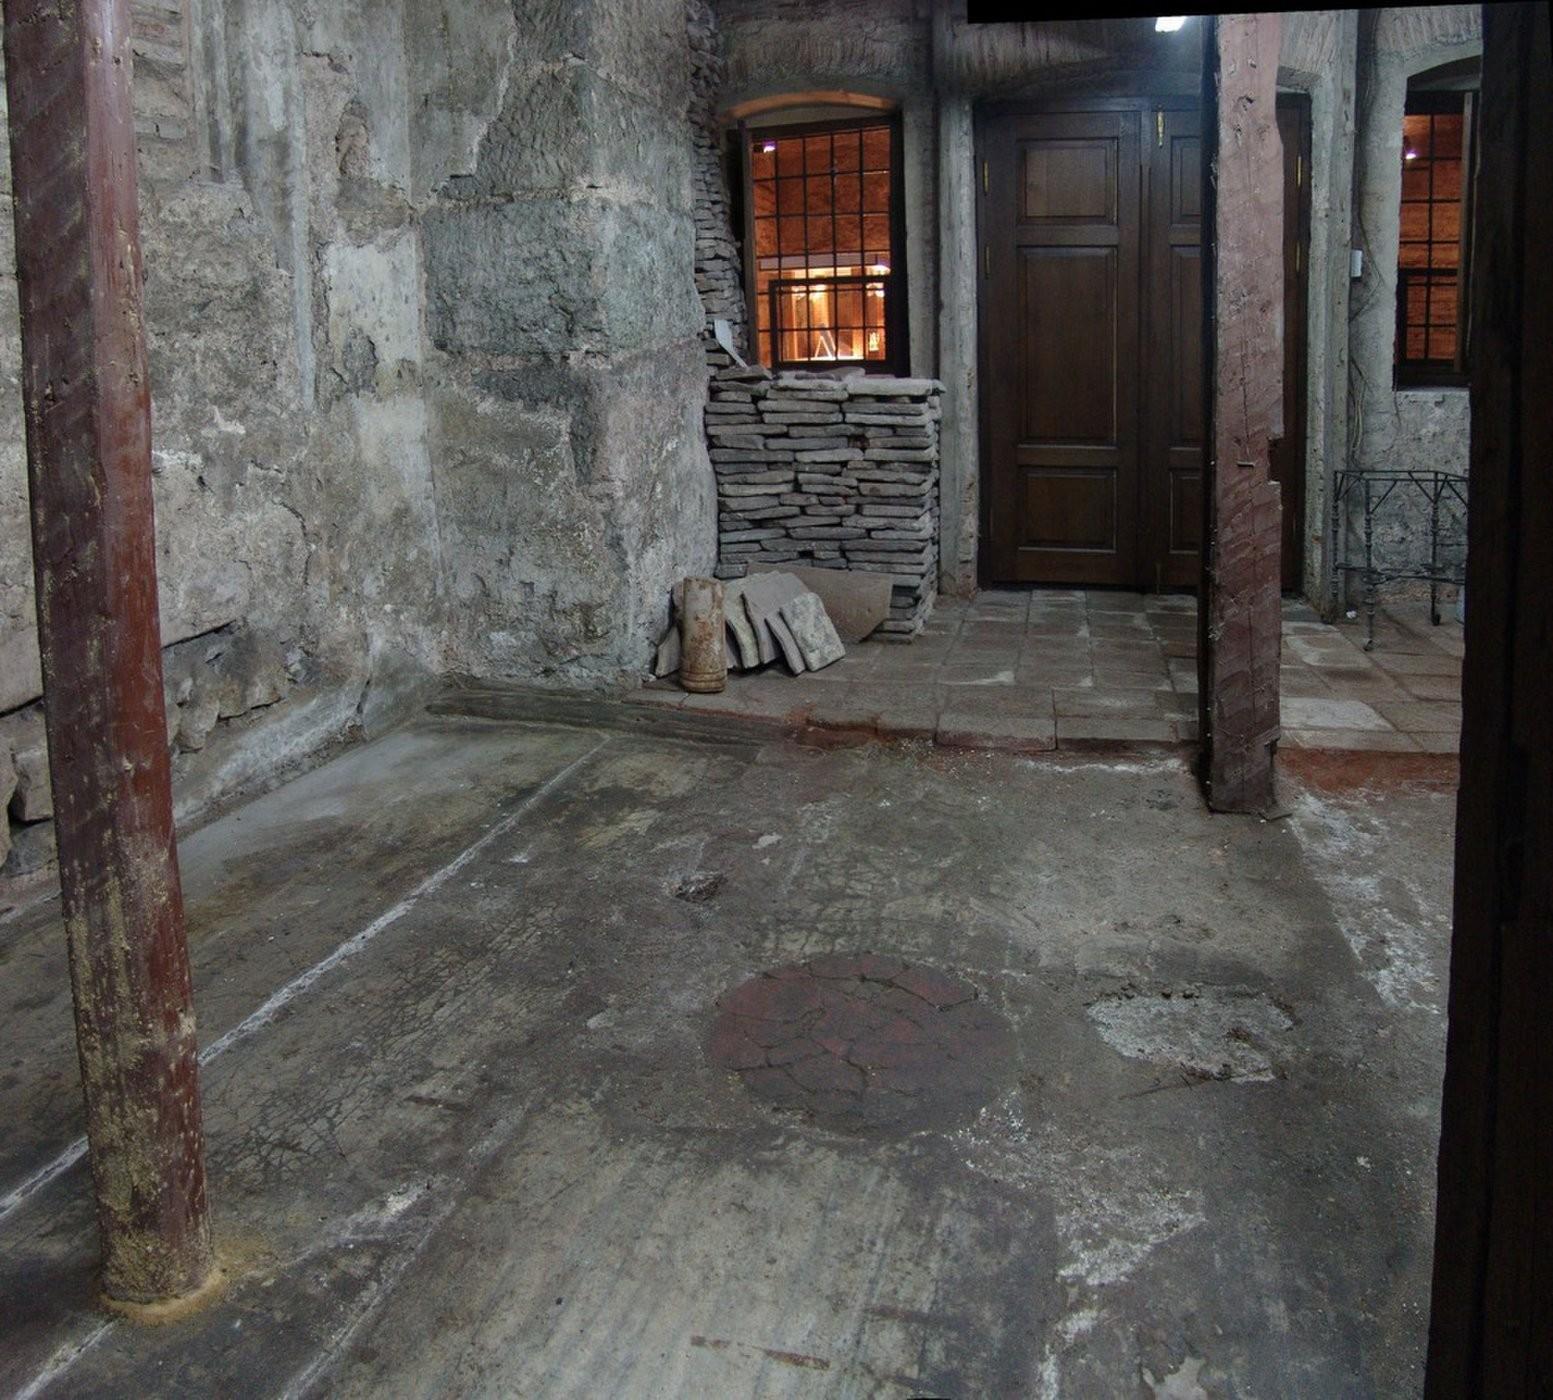 Arqueólogos acreditam que esse disco de pórfiro delimitava o local exato em que Justiniano I ficava durante cerimônias (Foto: Photo by Jan Kostenec, Copyright Oxbow Books, Ken Dark and Jan Kostenec 2019)